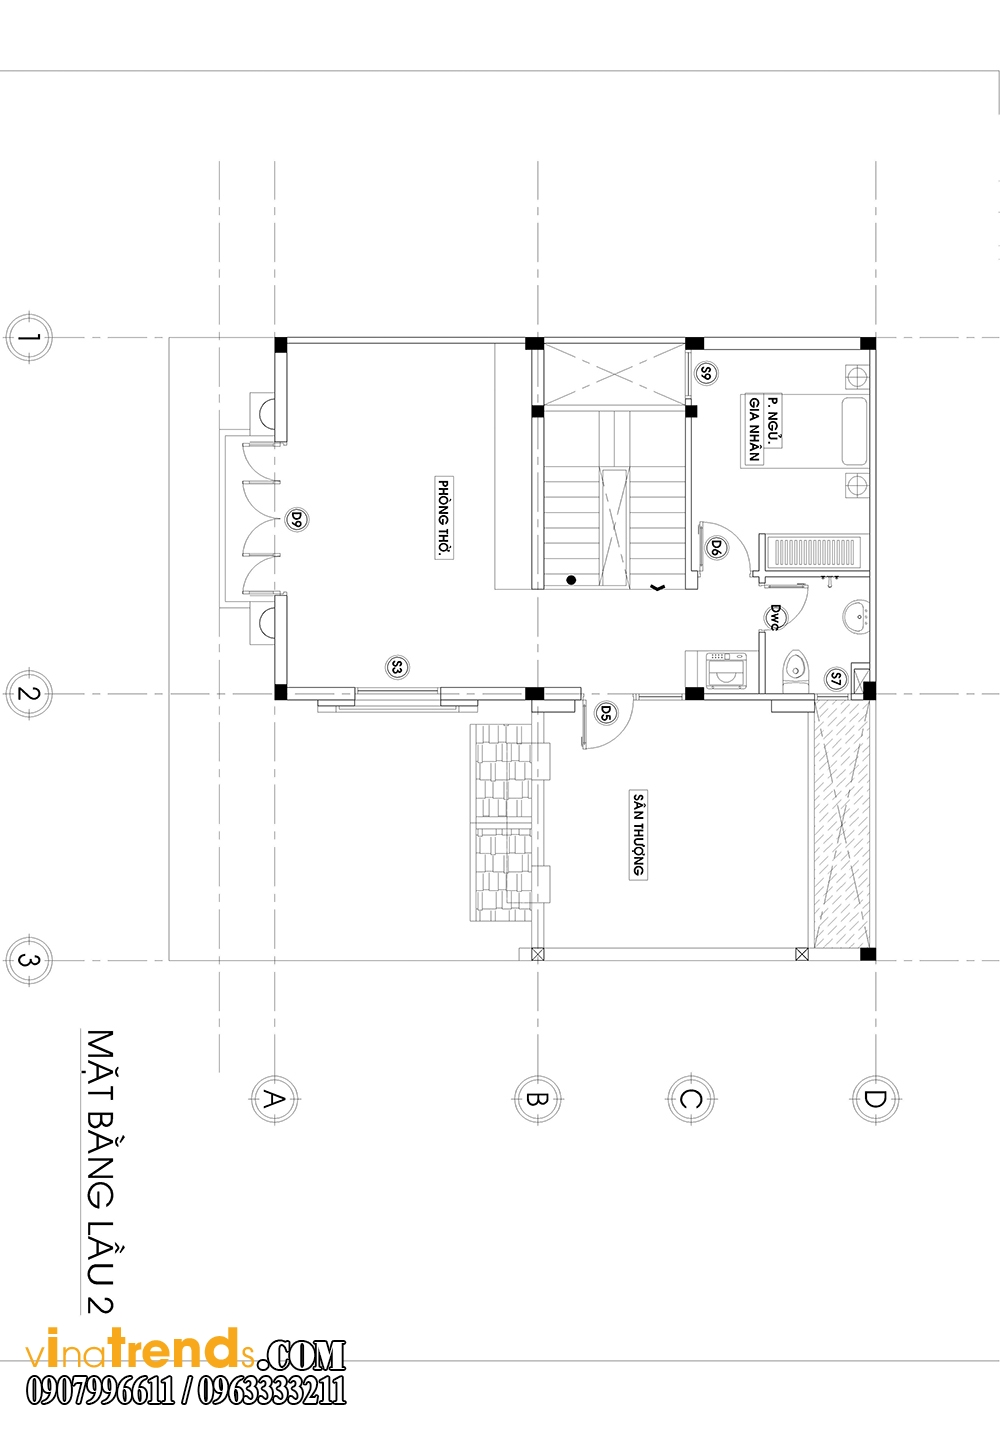 mb3 Trang trí nội thất gia đình nhà anh Cẩm ở Quận 7 kèm theo bản vẽ chi tiết